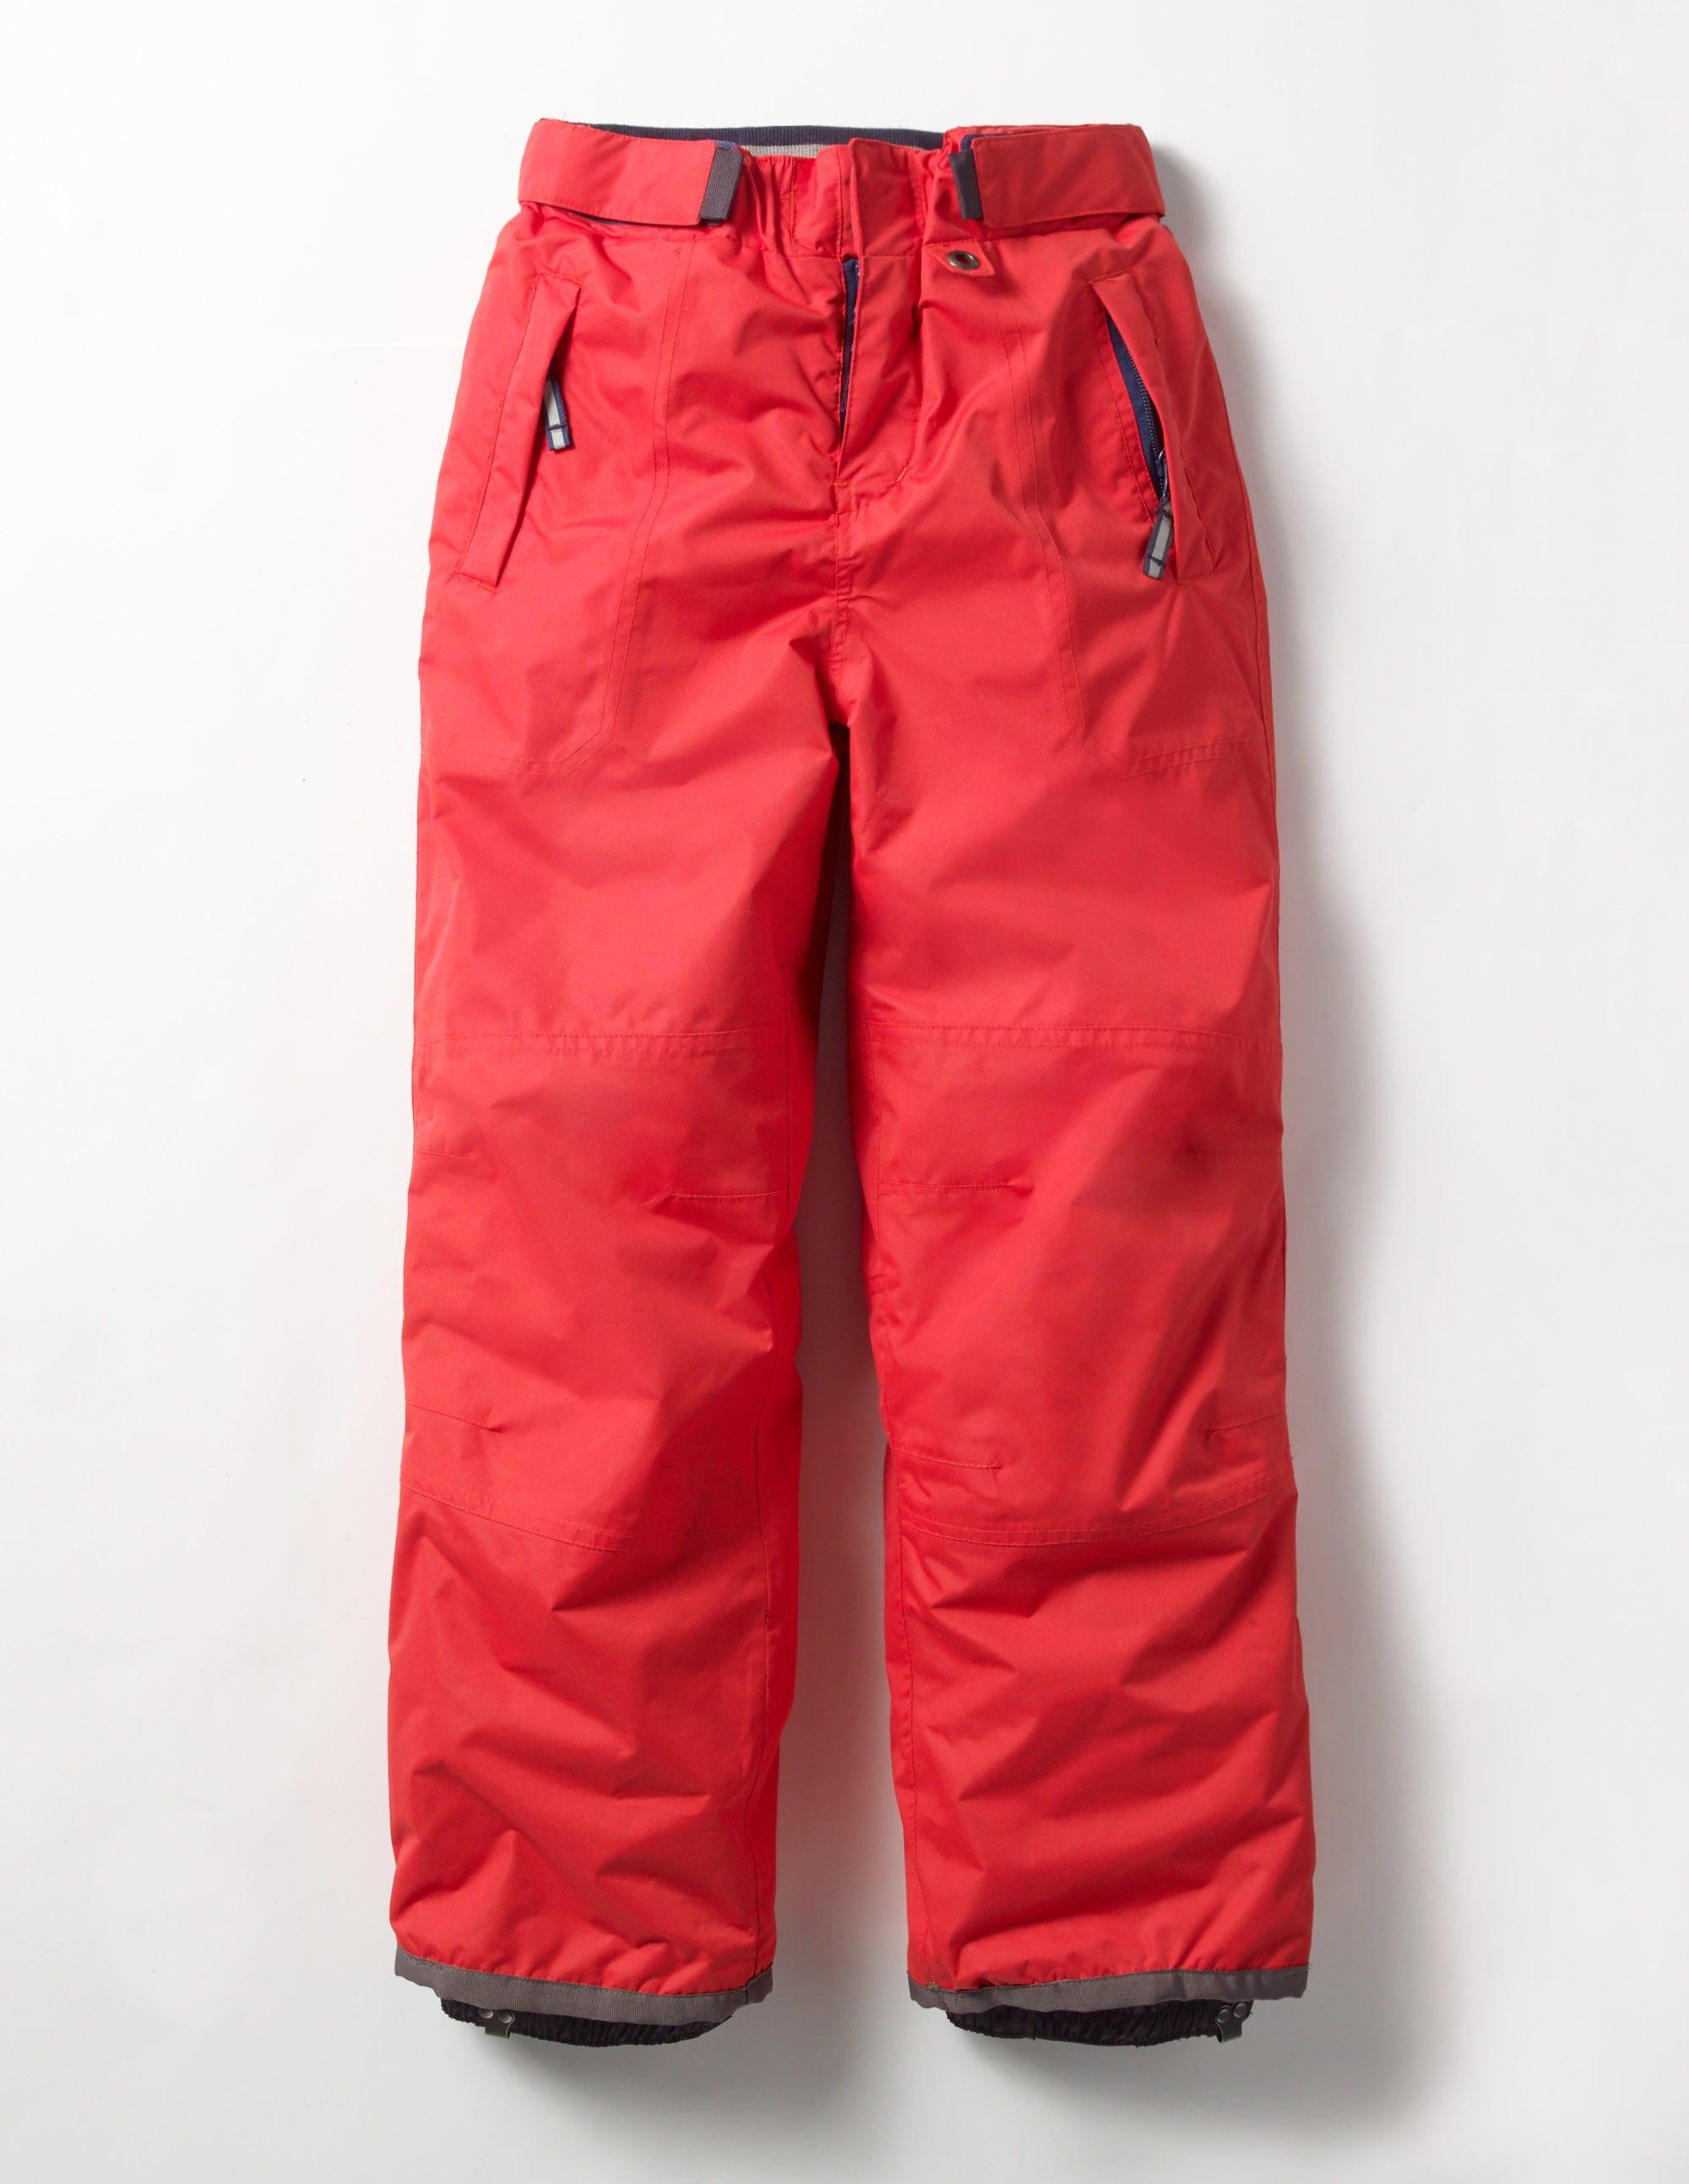 Pantalon imperméable toutes saisons Red Garçon Boden